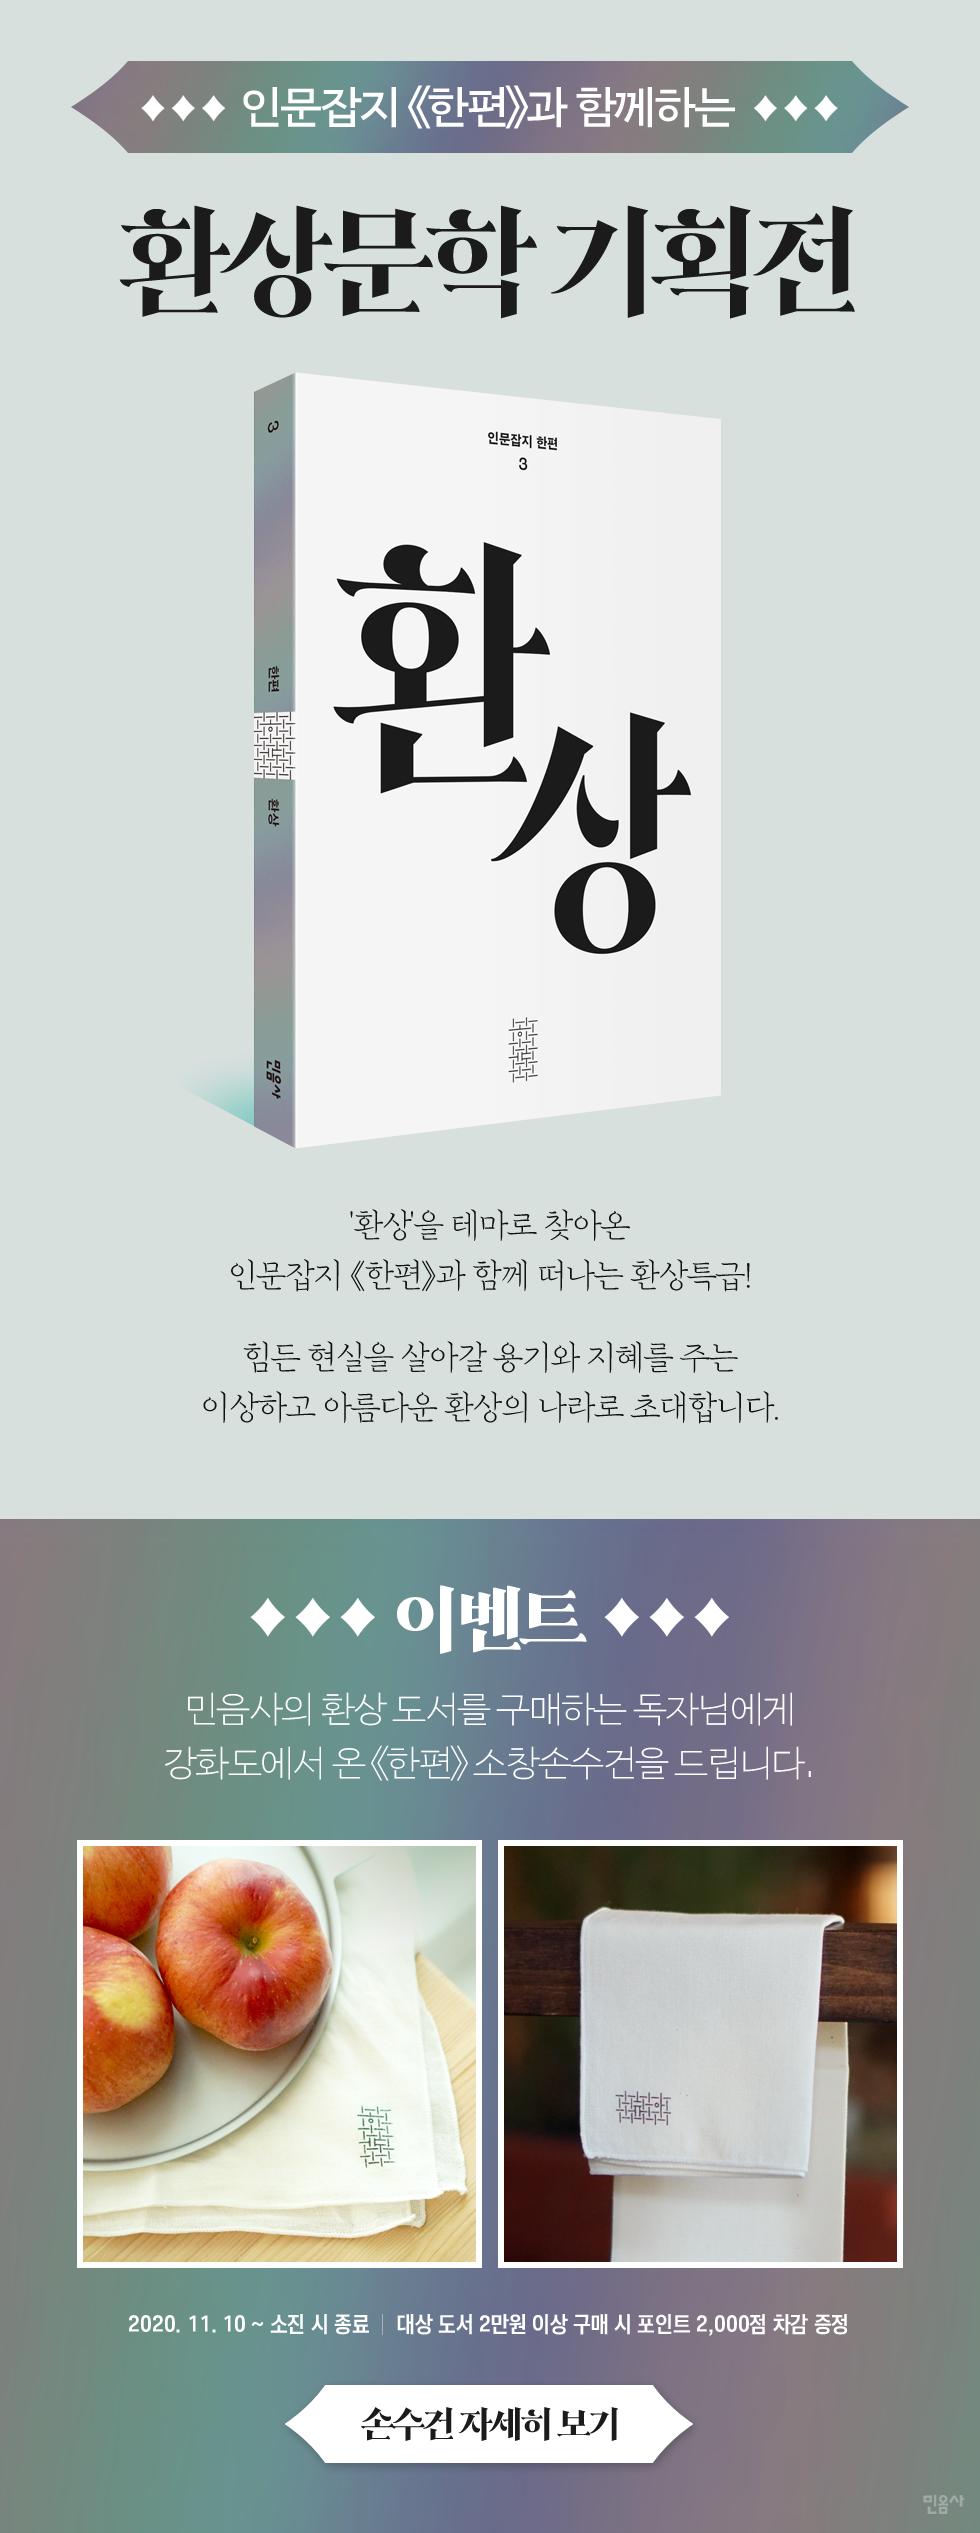 980_한편손수건이벤트_포인트